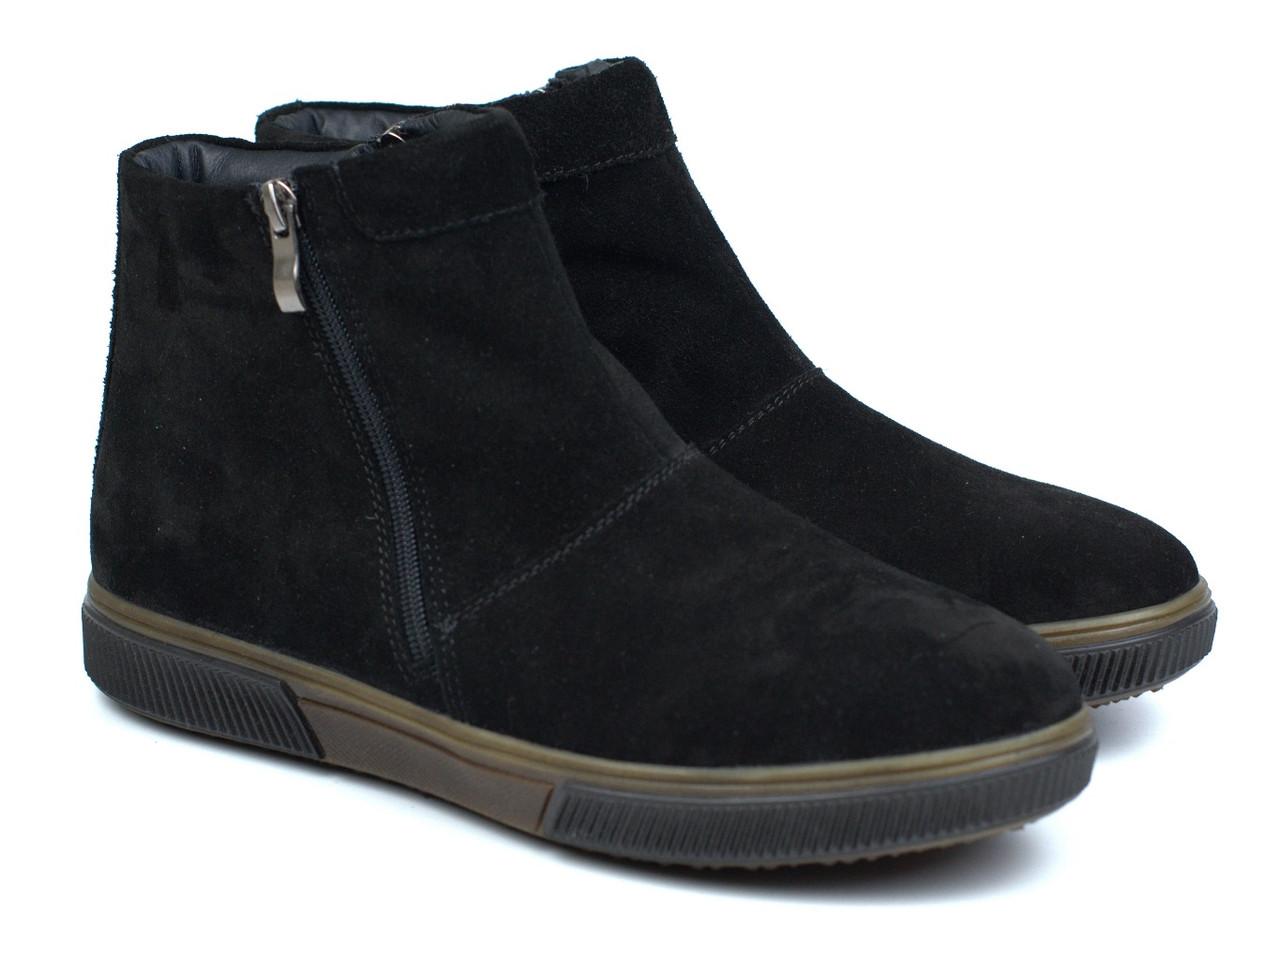 Зимние замшевые ботинки угги мужская обувь больших размеров черные Rosso Avangard Y-G Black Vel BS